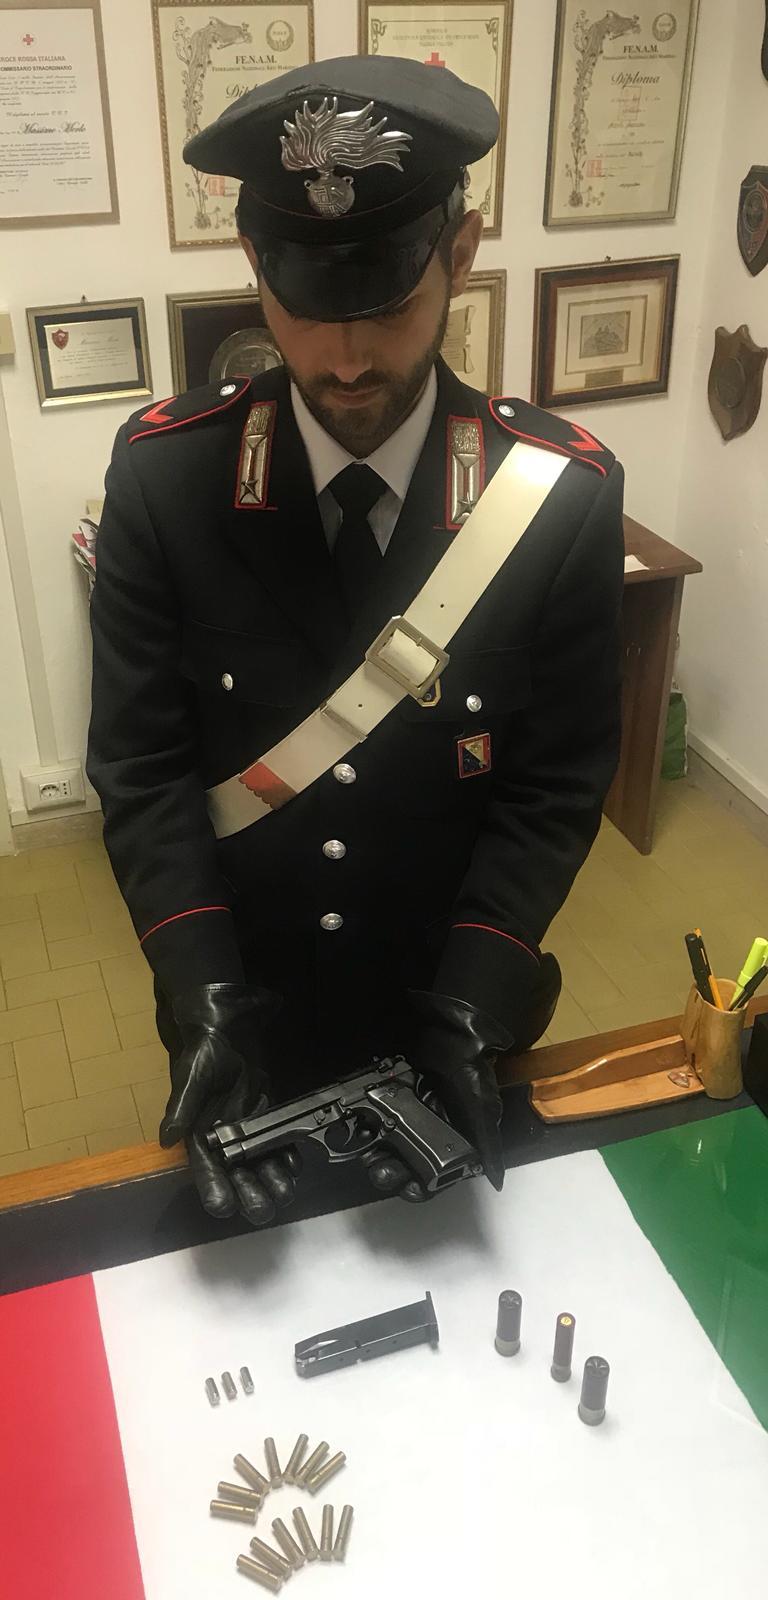 Estorsione aggravata dall'utilizzo di armi e spaccio, due in manette a Massarosa